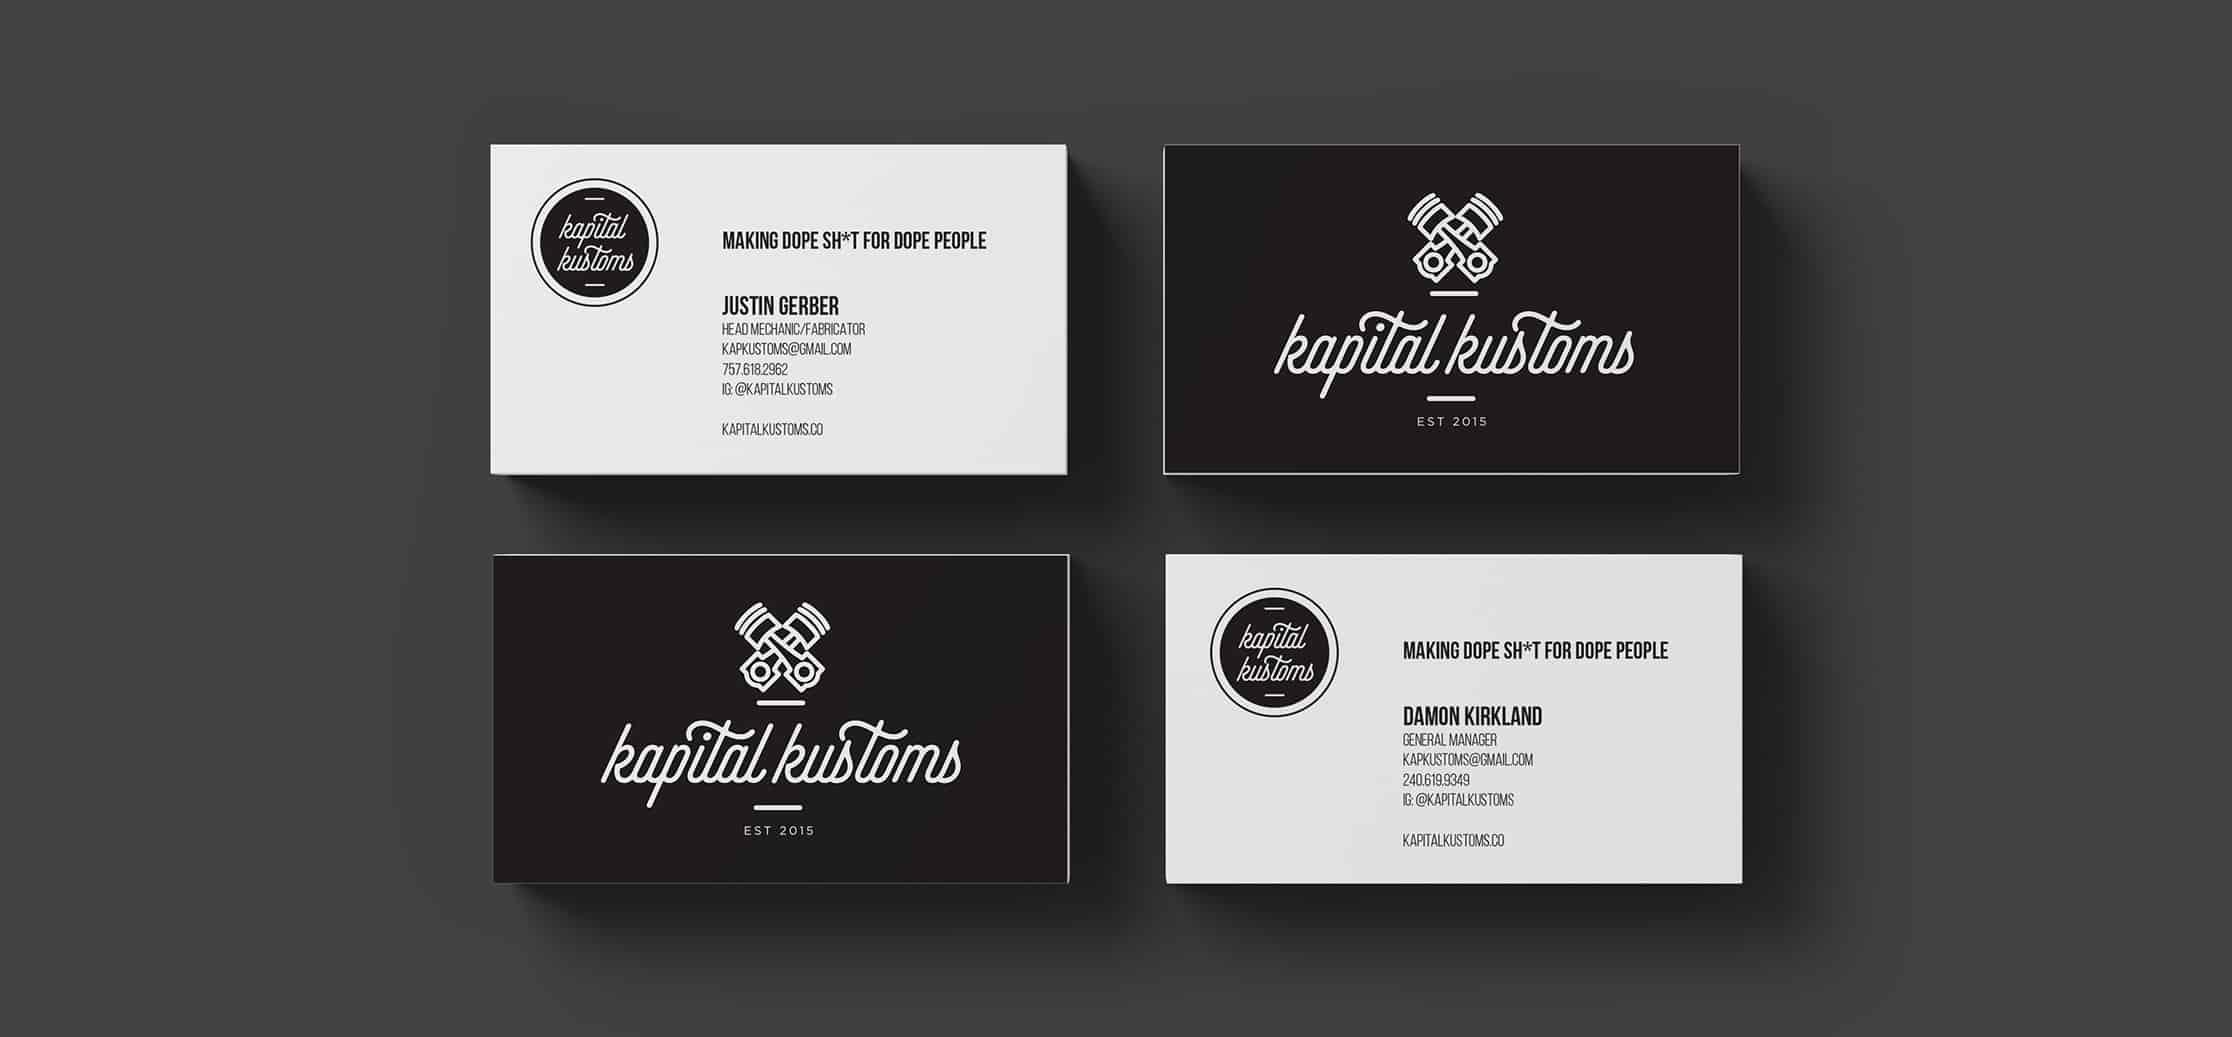 kk-businesscards-fullwidth